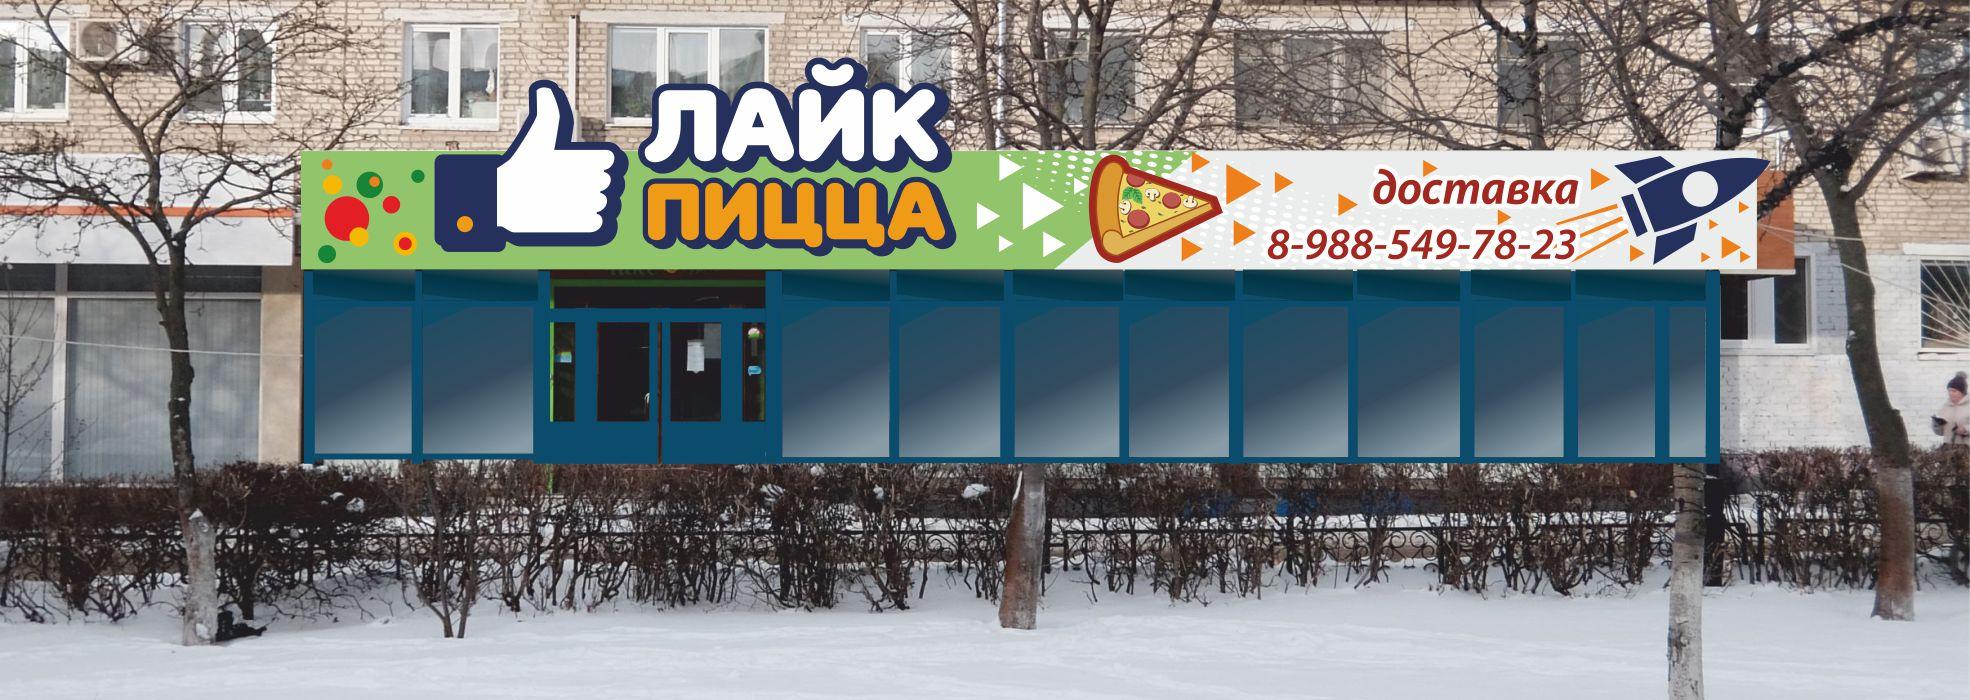 Дизайн уличного козырька с вывеской для пиццерии фото f_0565873ce94b6f21.jpg